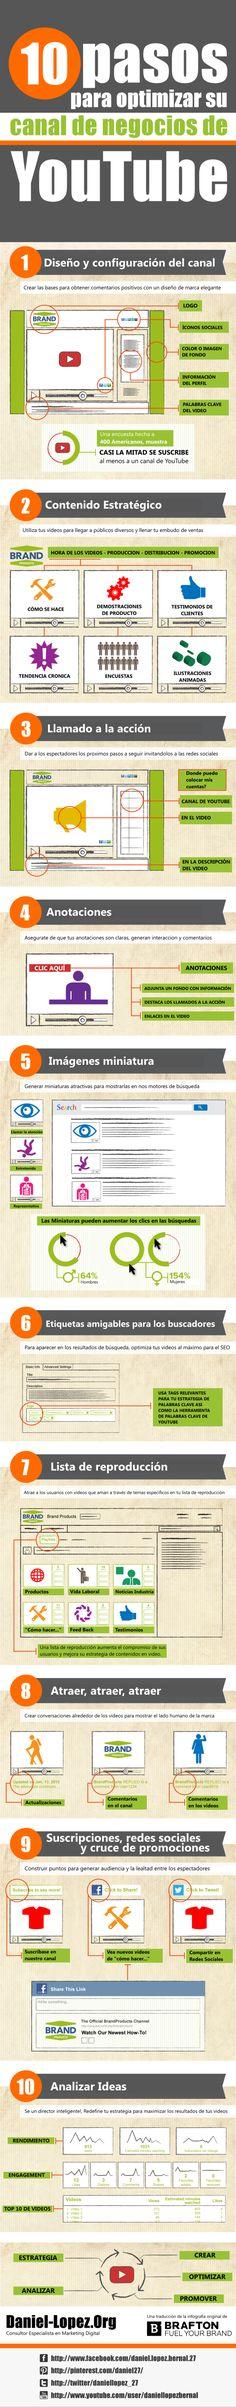 10 pasos para optimizar tu canal de empresa en YouTube #infografia